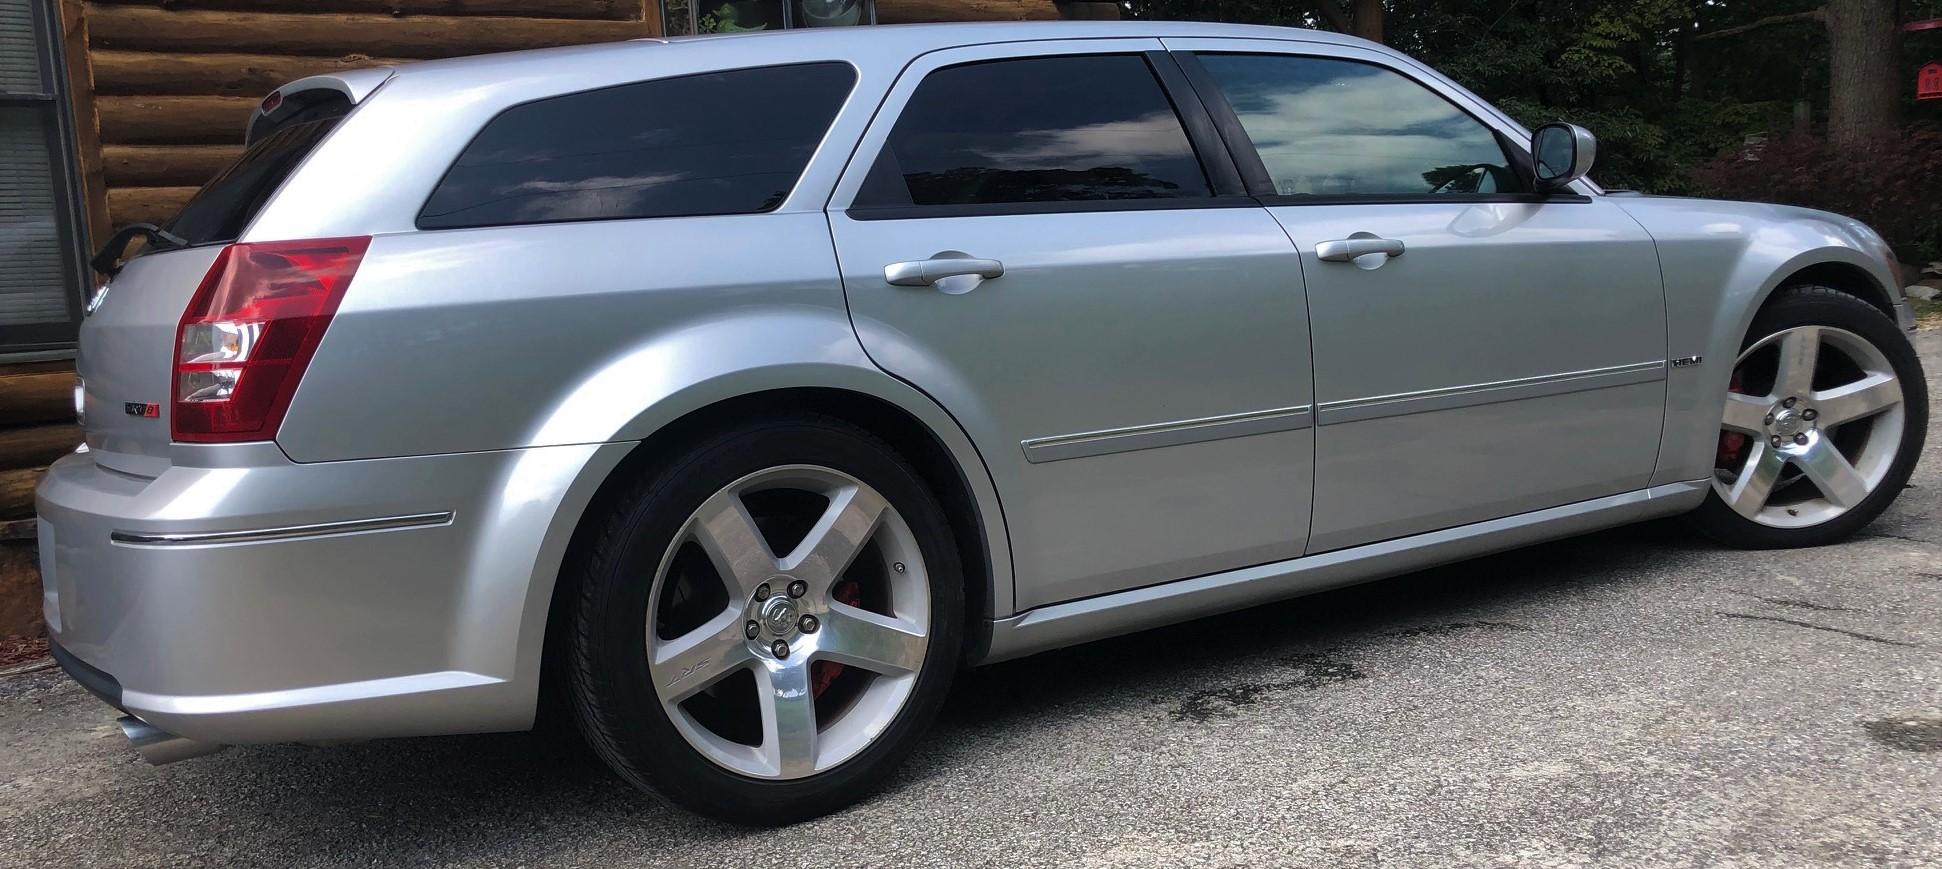 2007 Dodge Magnum SRT8 ~42k Miles... Silver